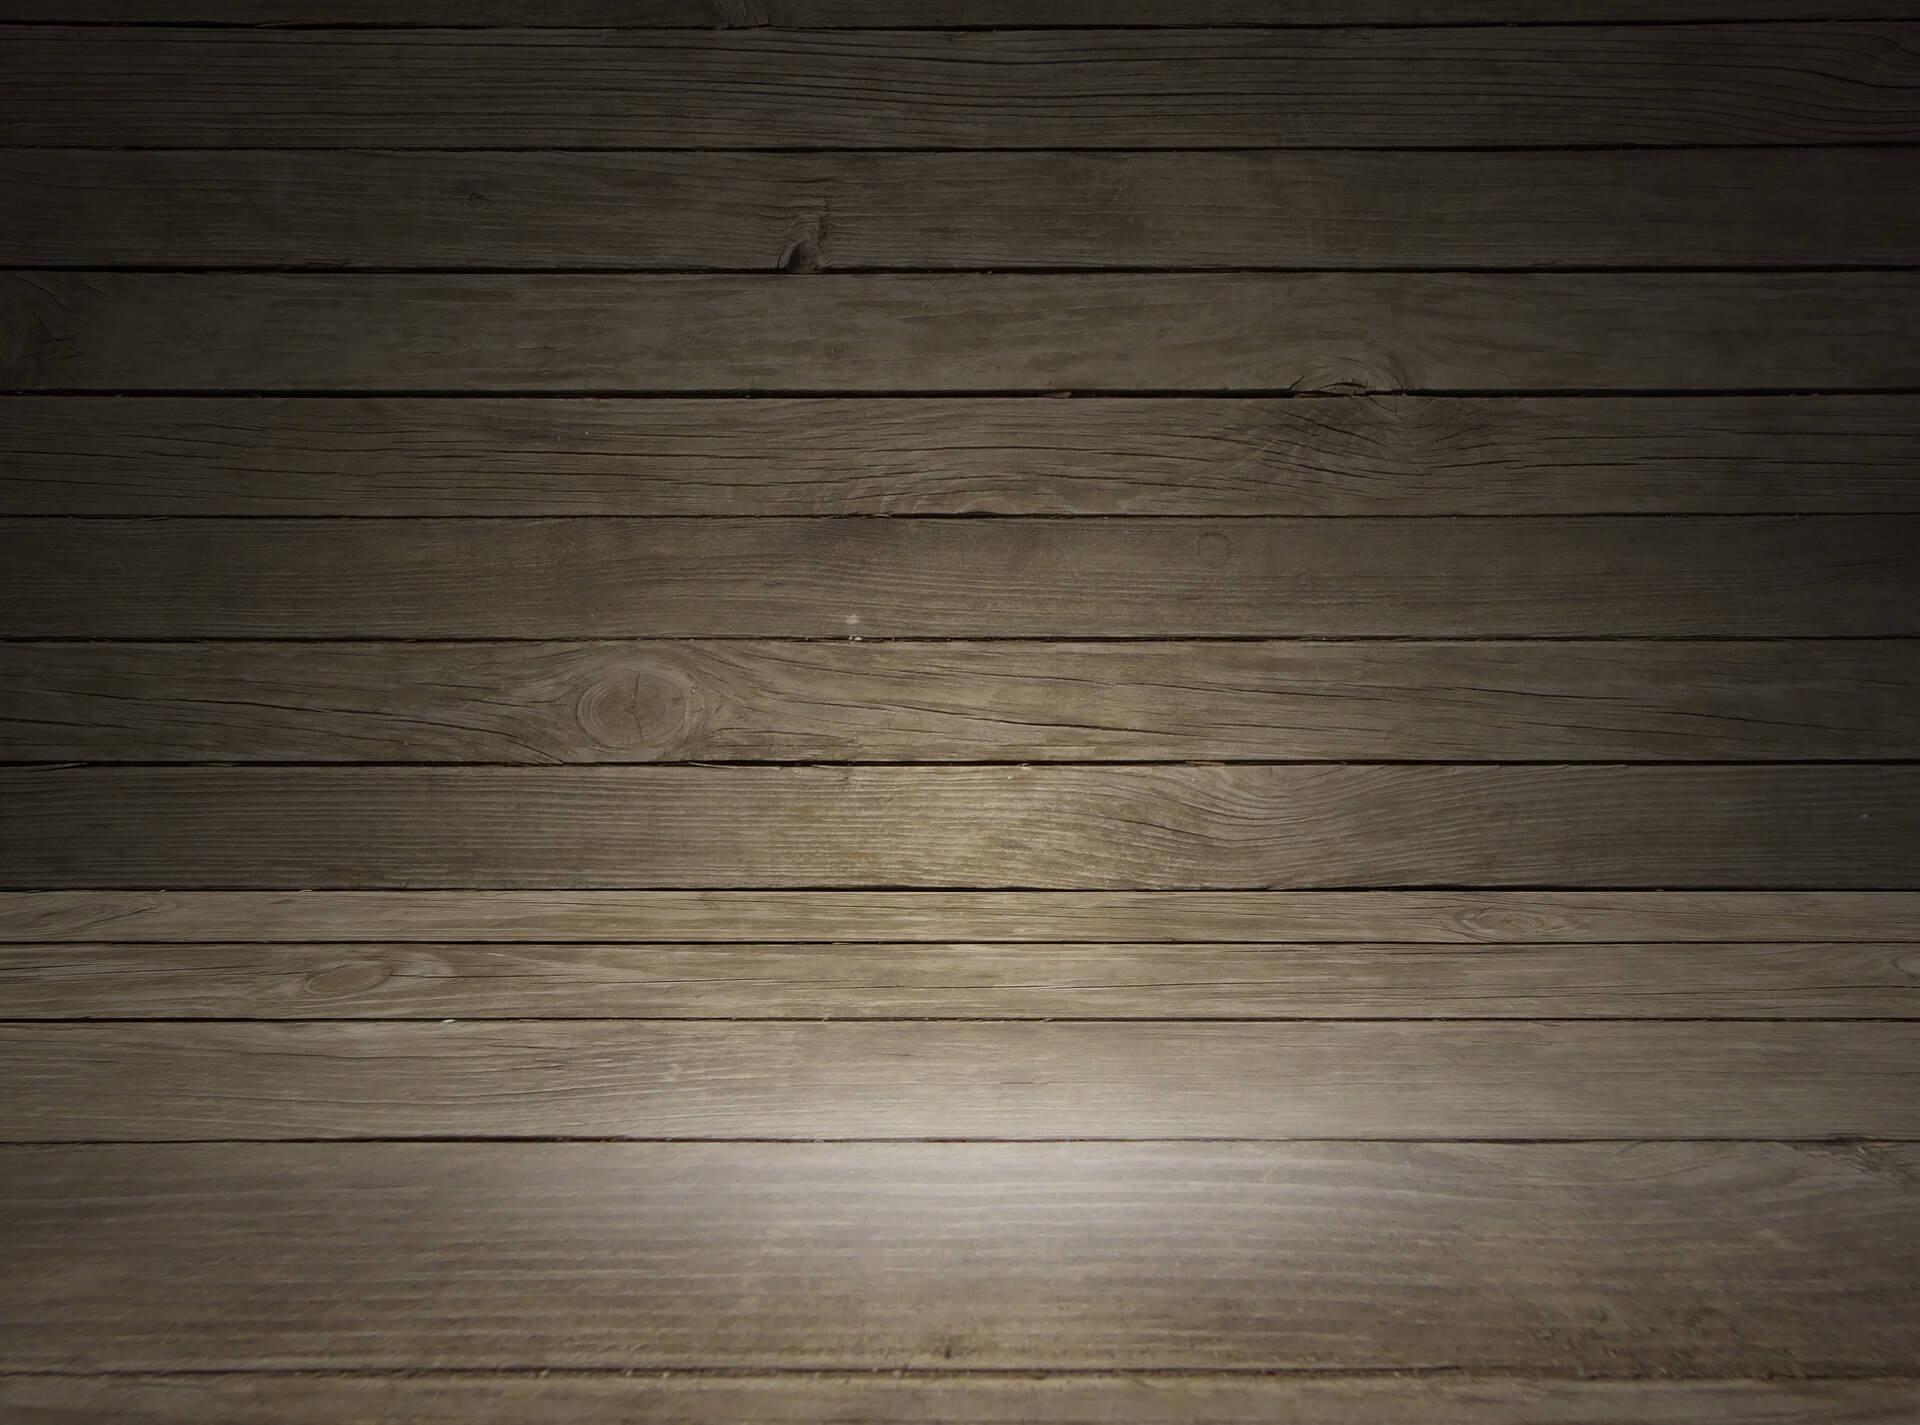 wood-floor-1170745_1920 店舗デザインをお考えの方必見!床について解説します